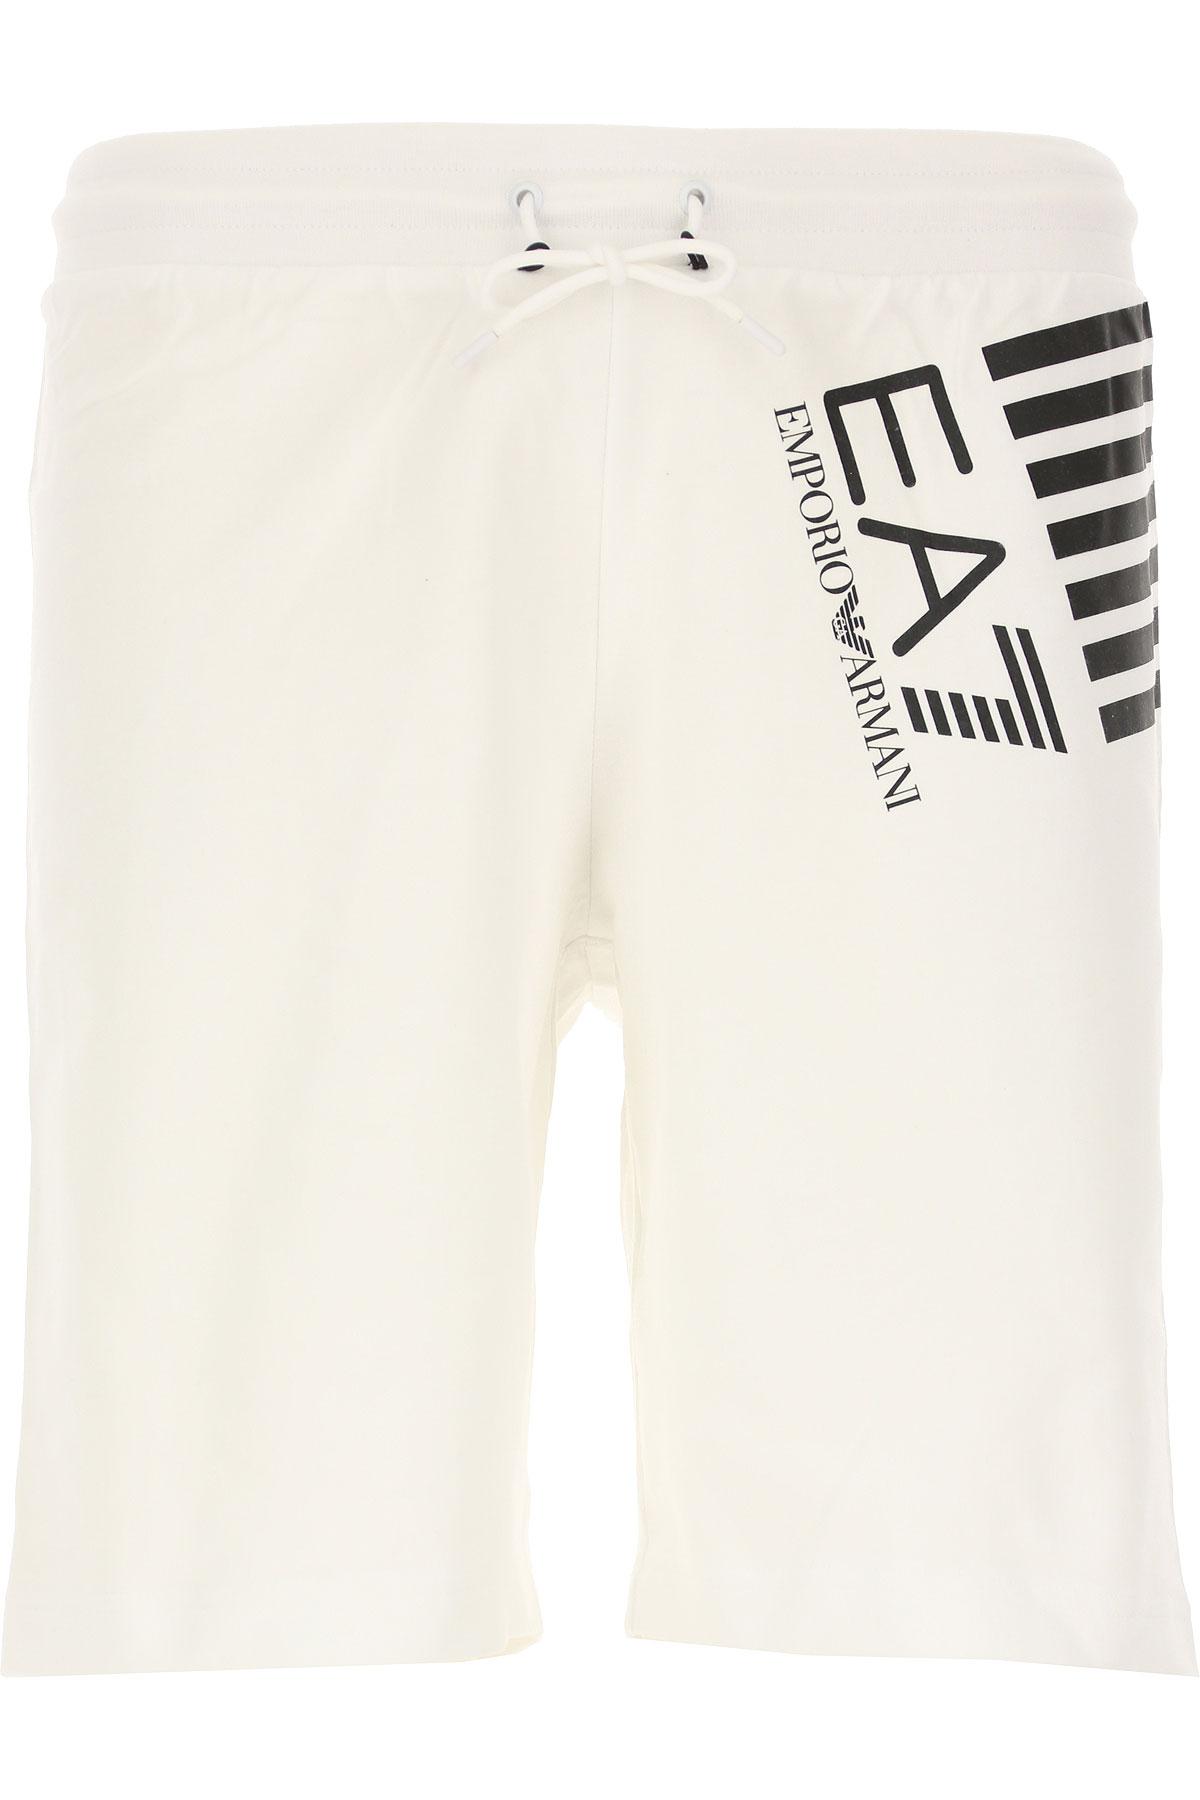 Emporio Armani Short Homme Pas Cher En Soldes, Blanc, Coton, 2019, L M S XL